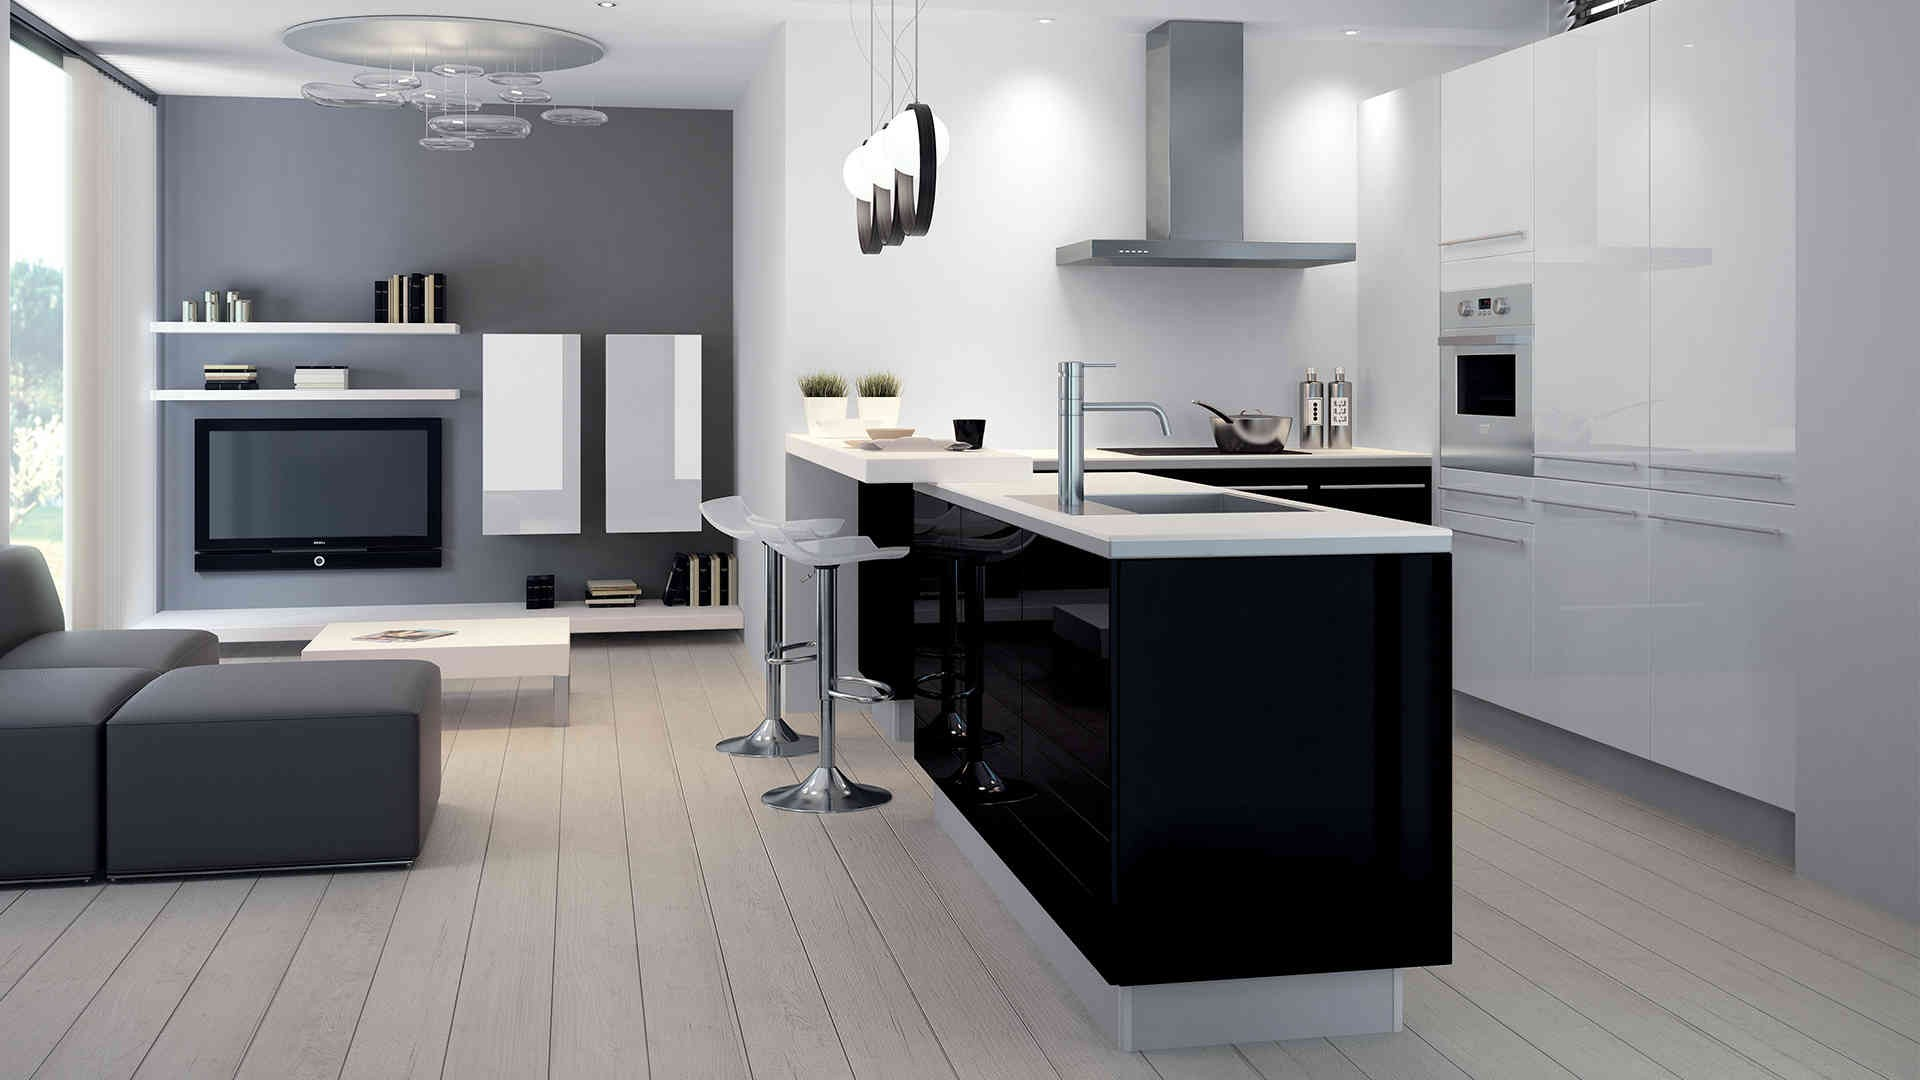 carrelage pour cuisine noire et blanche cuisine id es de d coration de maison 89l79wwb2g. Black Bedroom Furniture Sets. Home Design Ideas